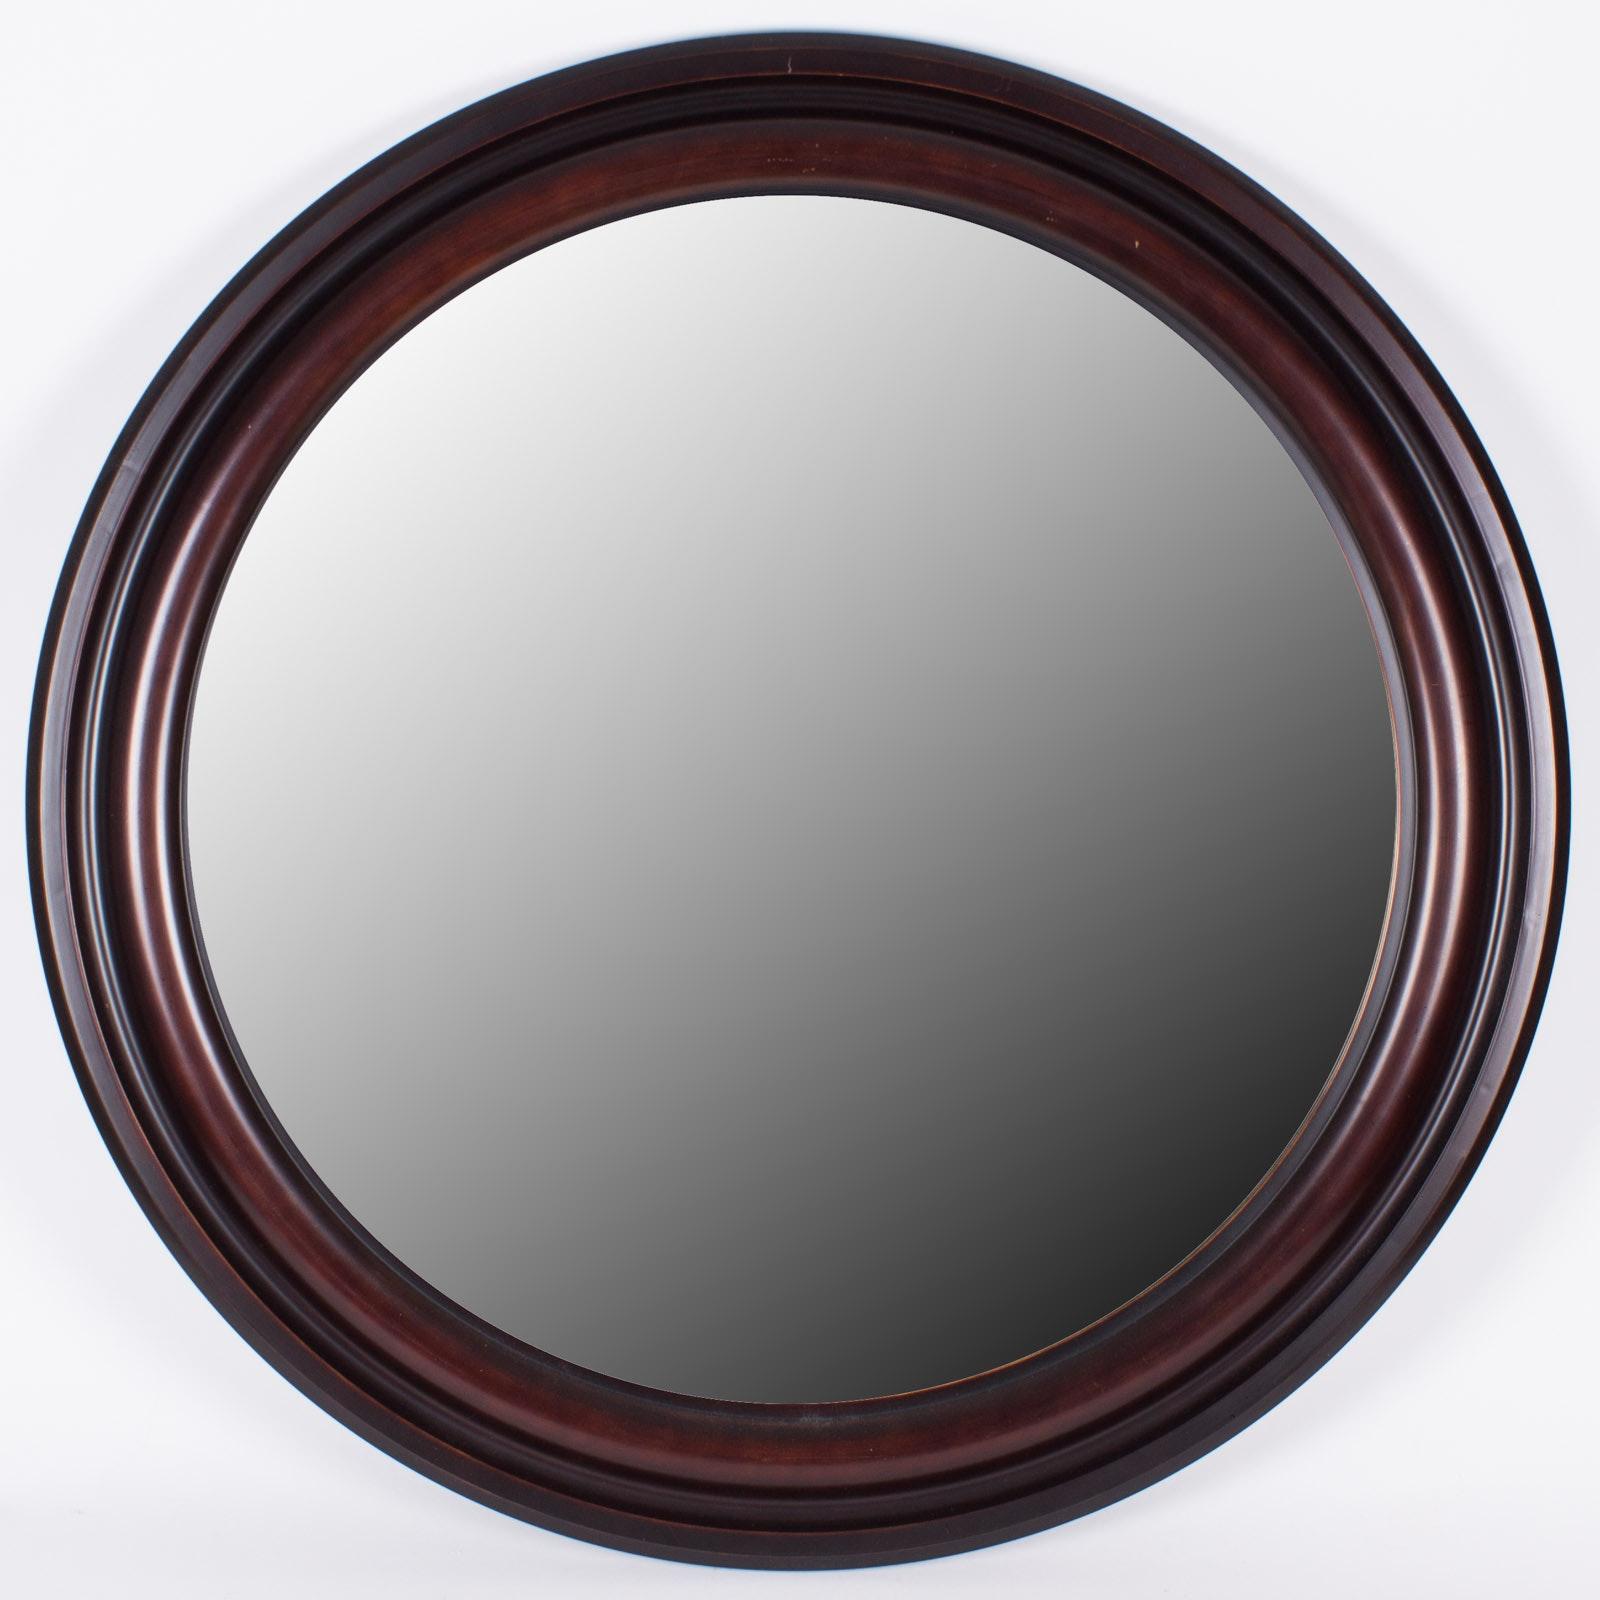 Round Dark Walnut Wall Mirror